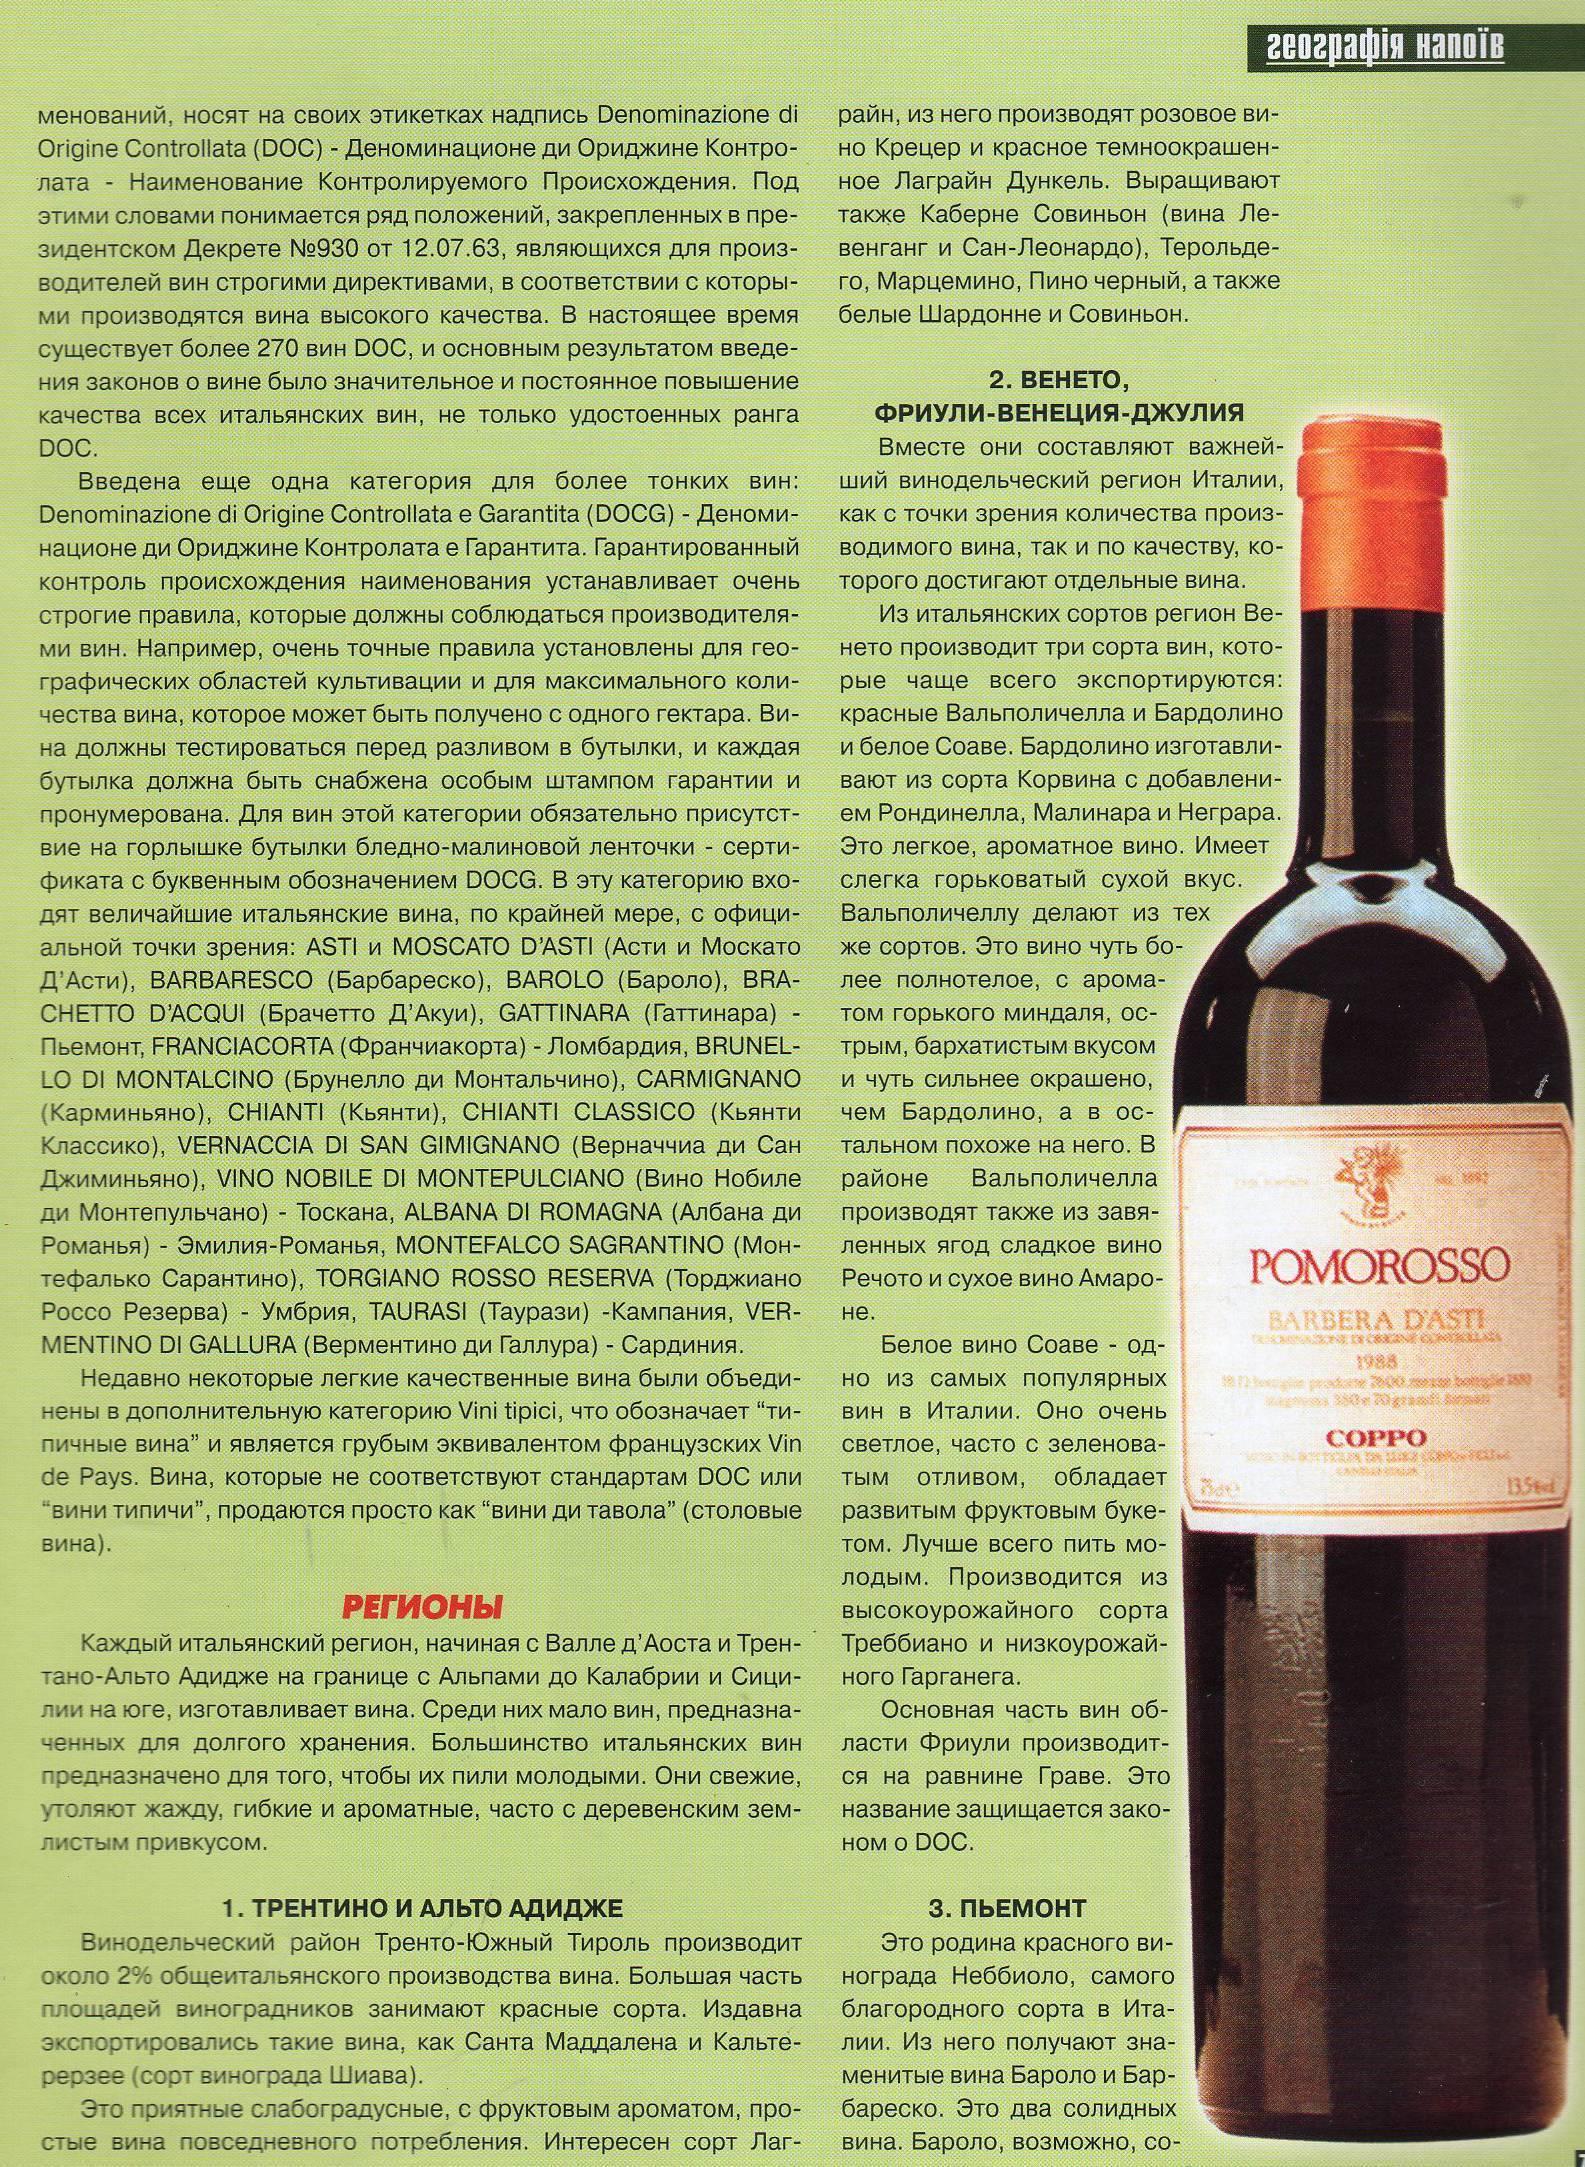 Категории качества вин в европейских странах